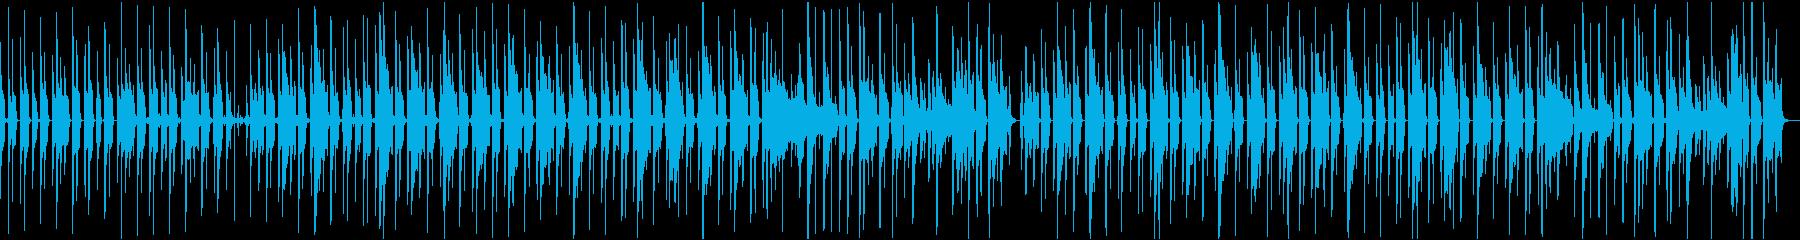 平凡な日常シーンで流れる曲の再生済みの波形